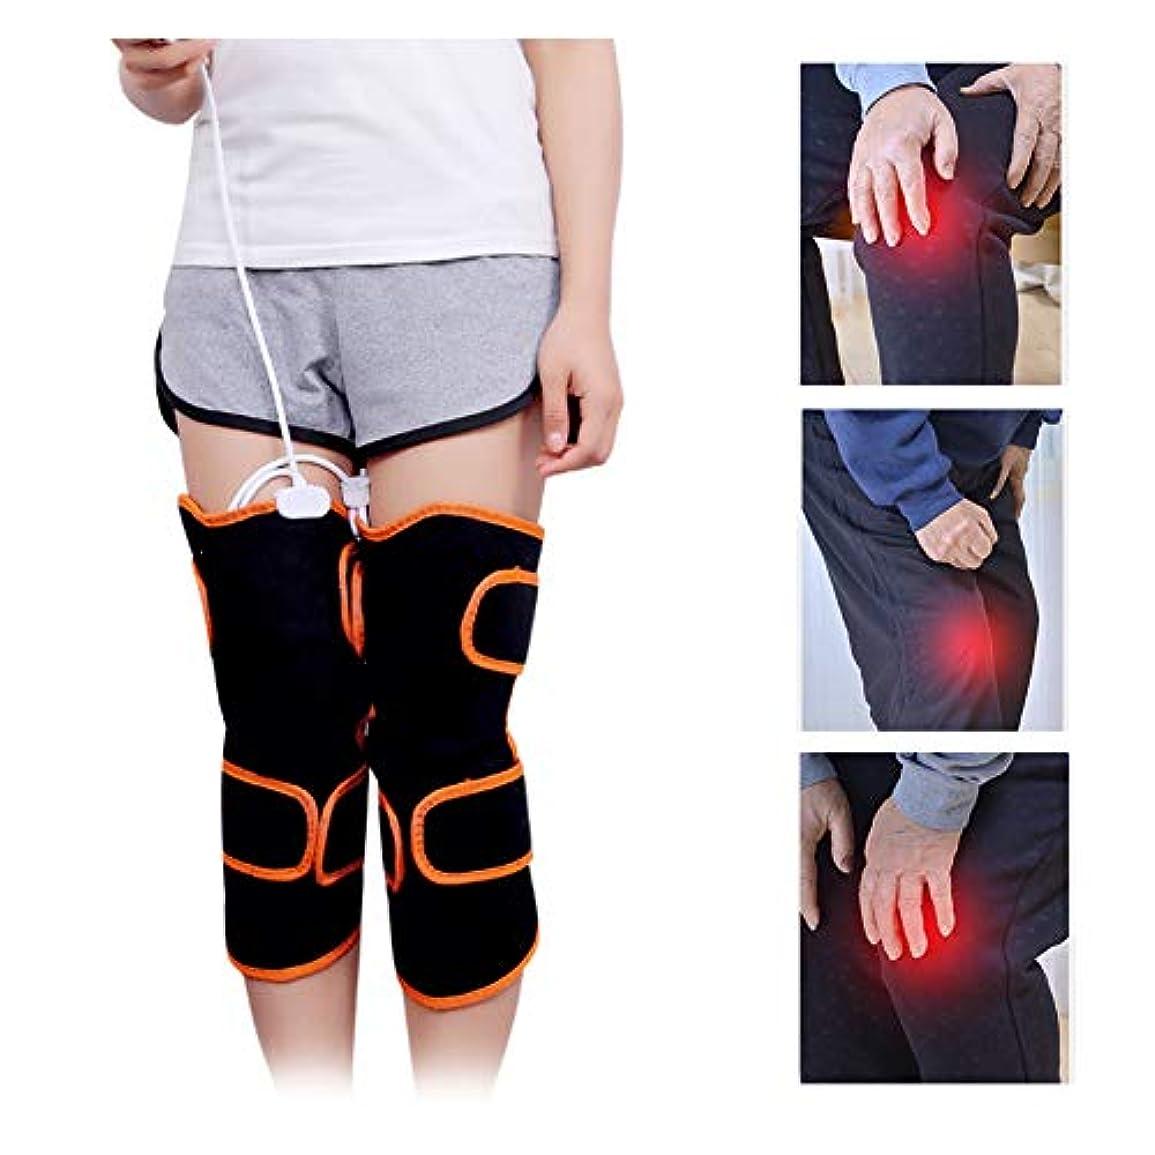 広範囲に激怒文芸9種類のマッサージモードと5種類の速度の膝温熱パッド付き加熱膝装具-膝の怪我、痛みを軽減するセラピーラップマッサージャー